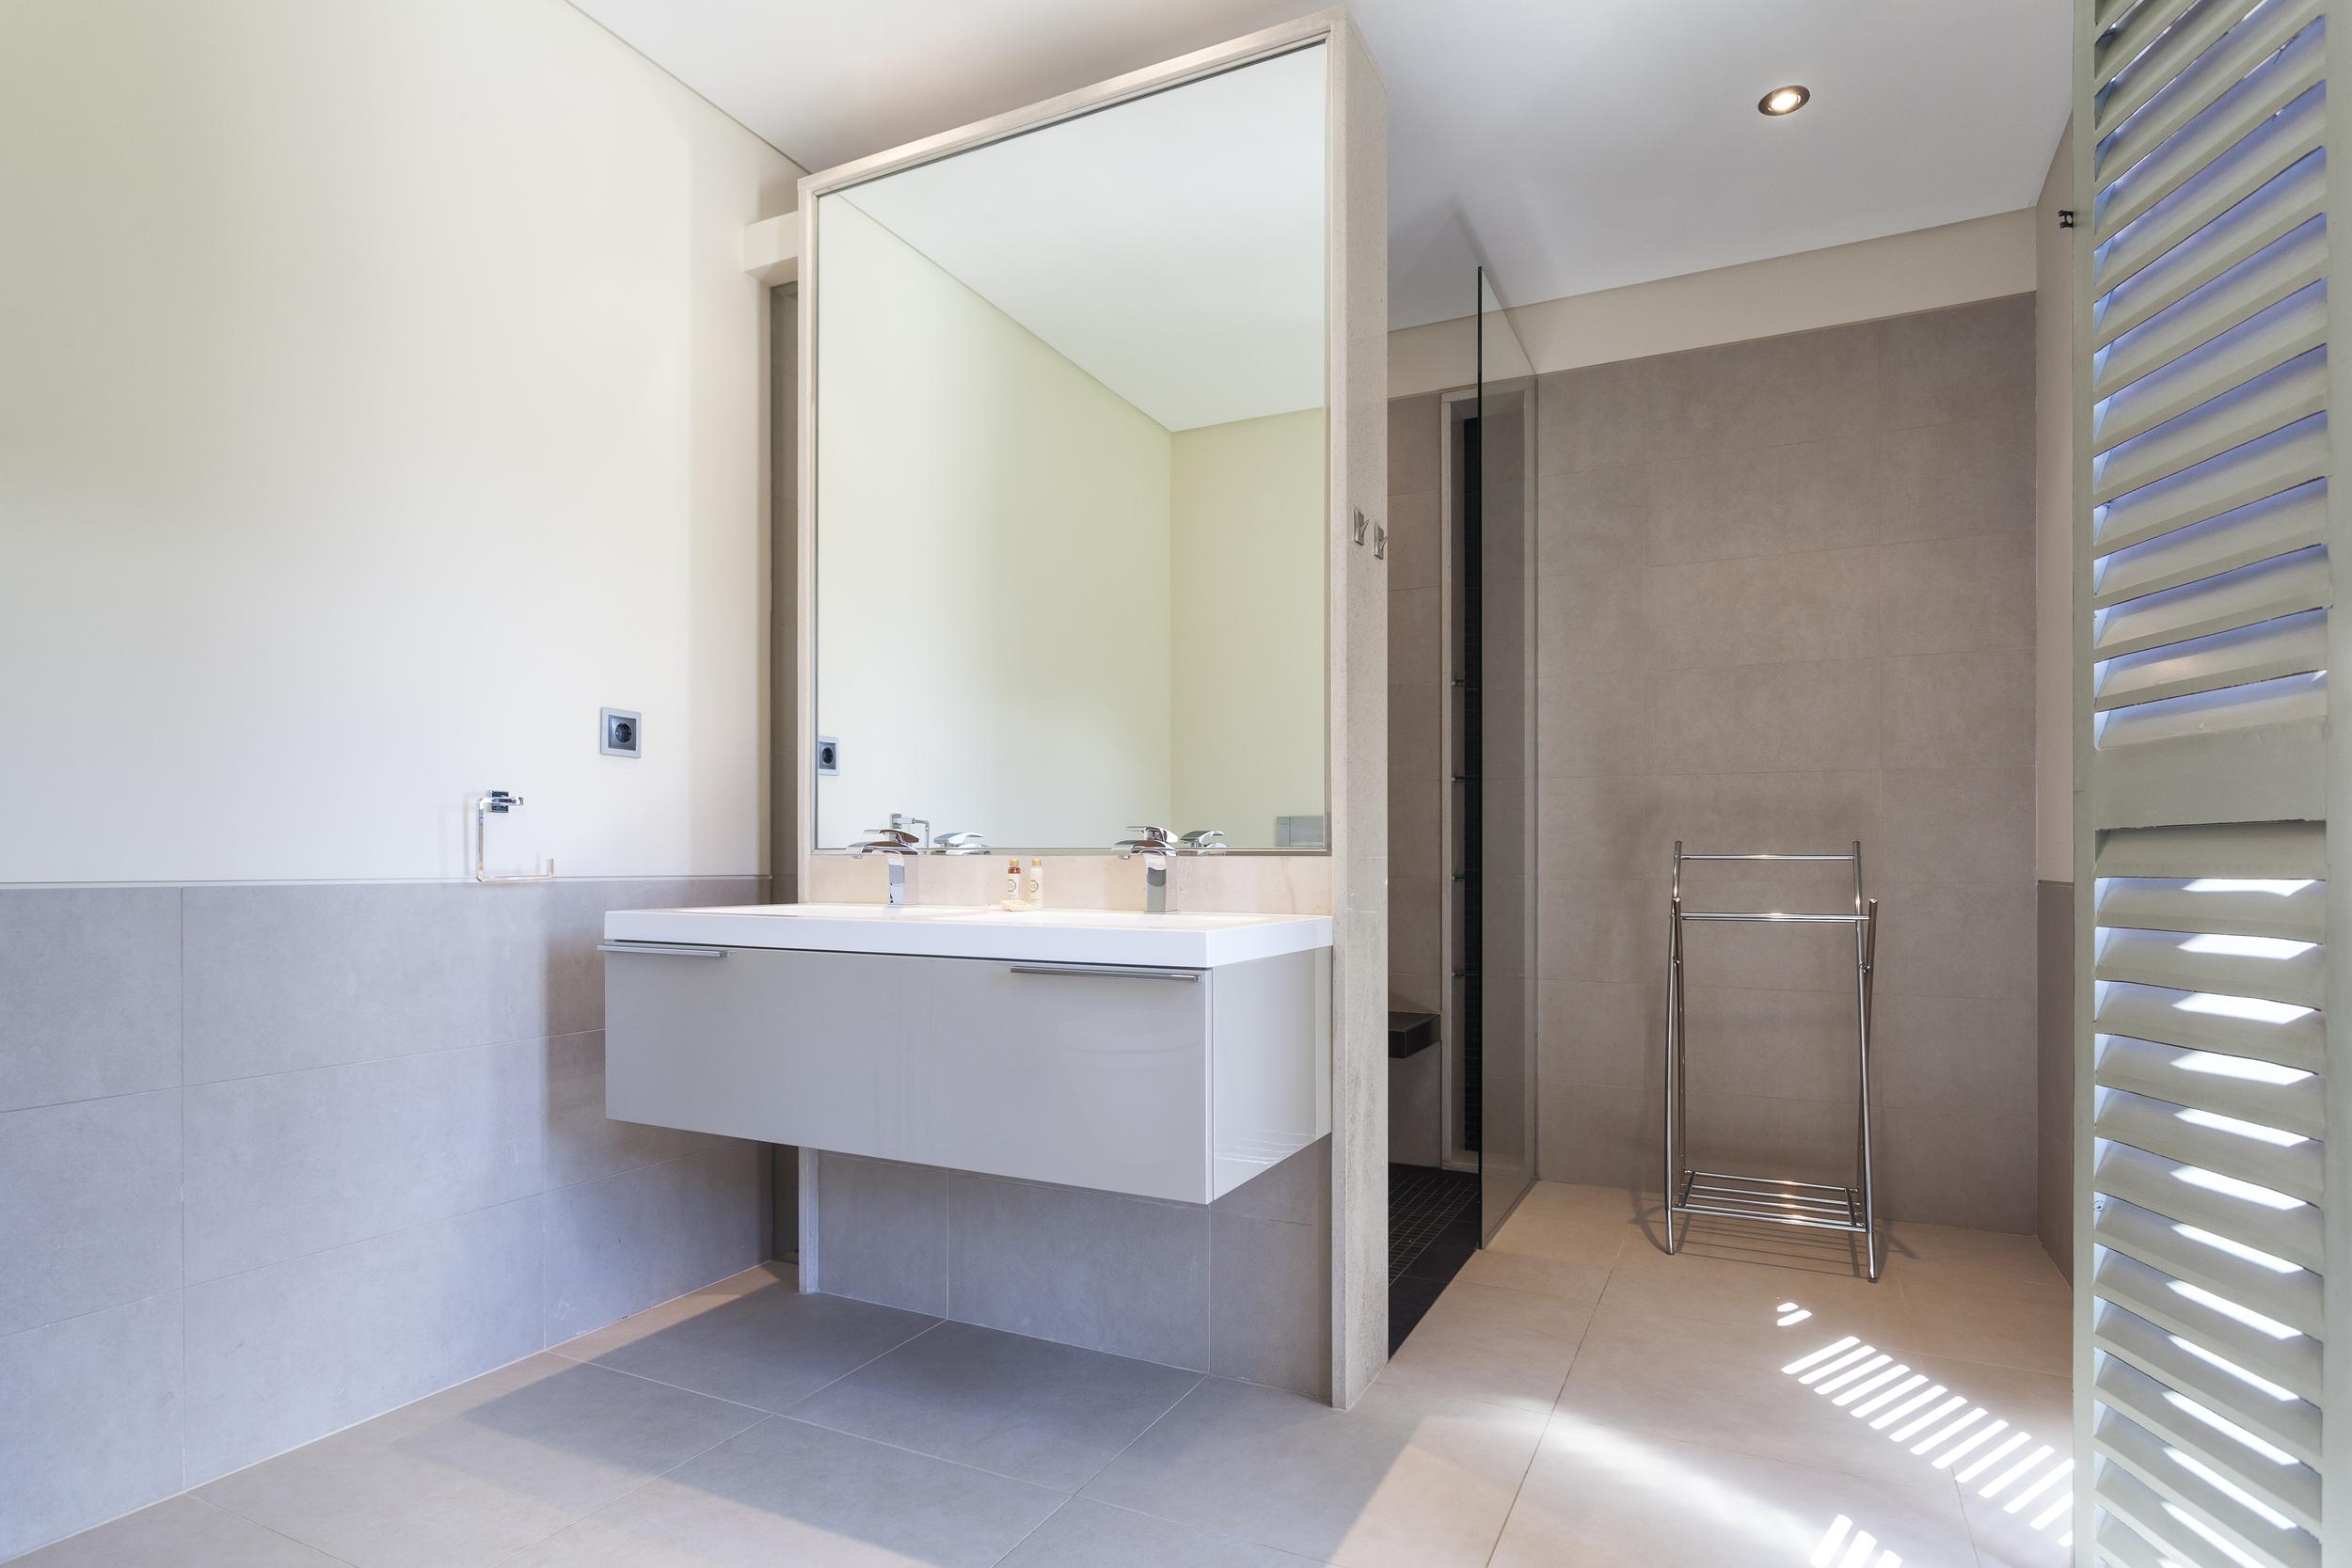 4 bedroom villa to rent in Quinta do Lago, RLV, Villa Serpentine,8.jpg